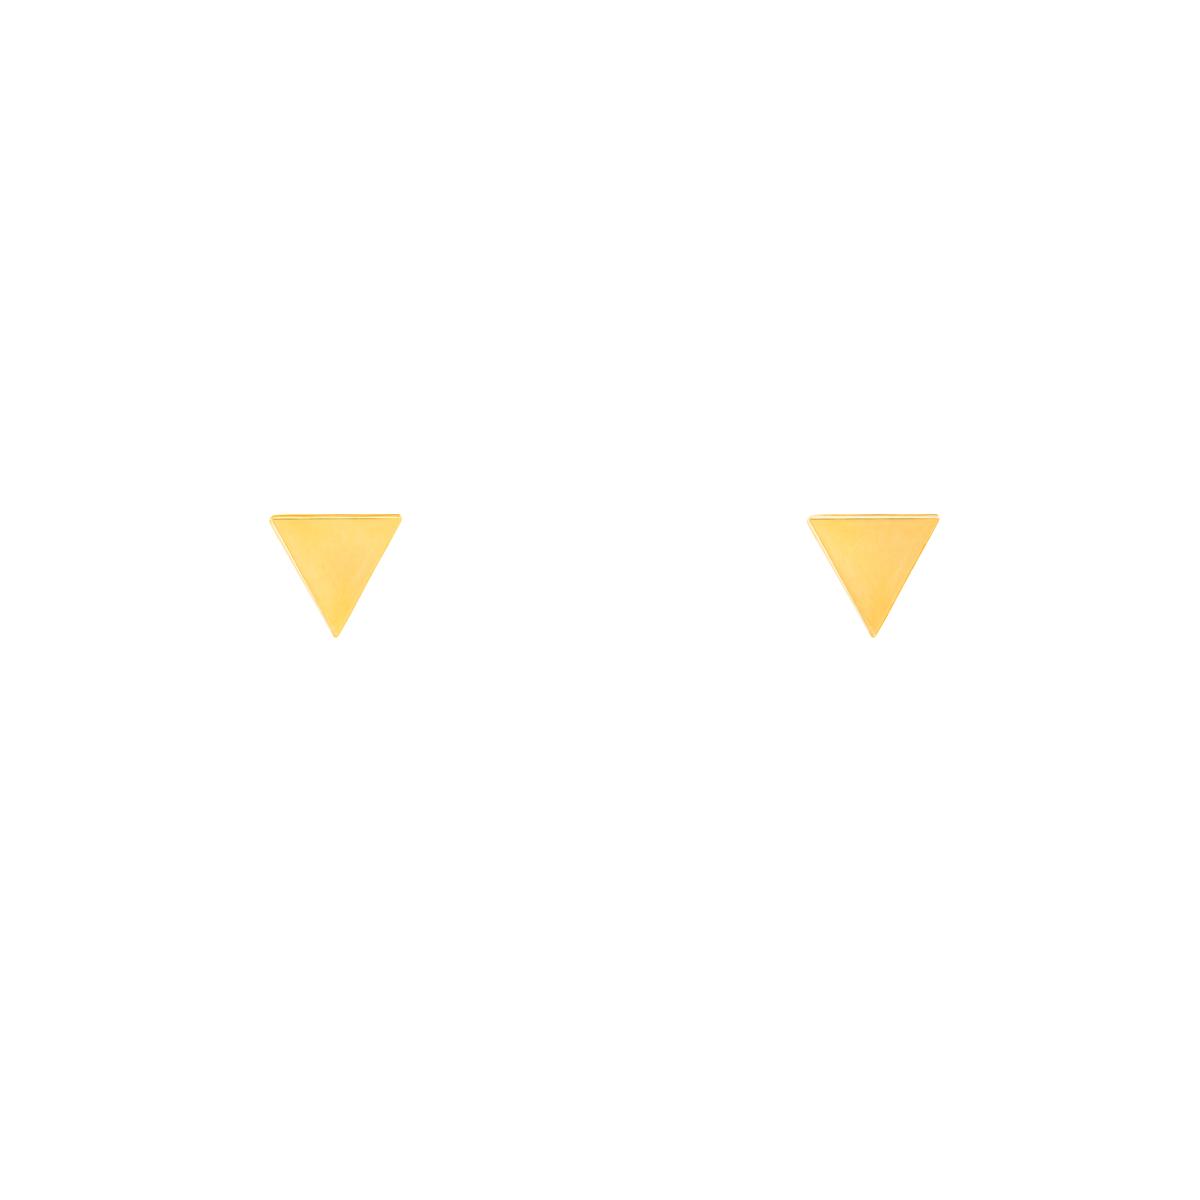 گوشواره طلا مثلث کوچک |parasteh